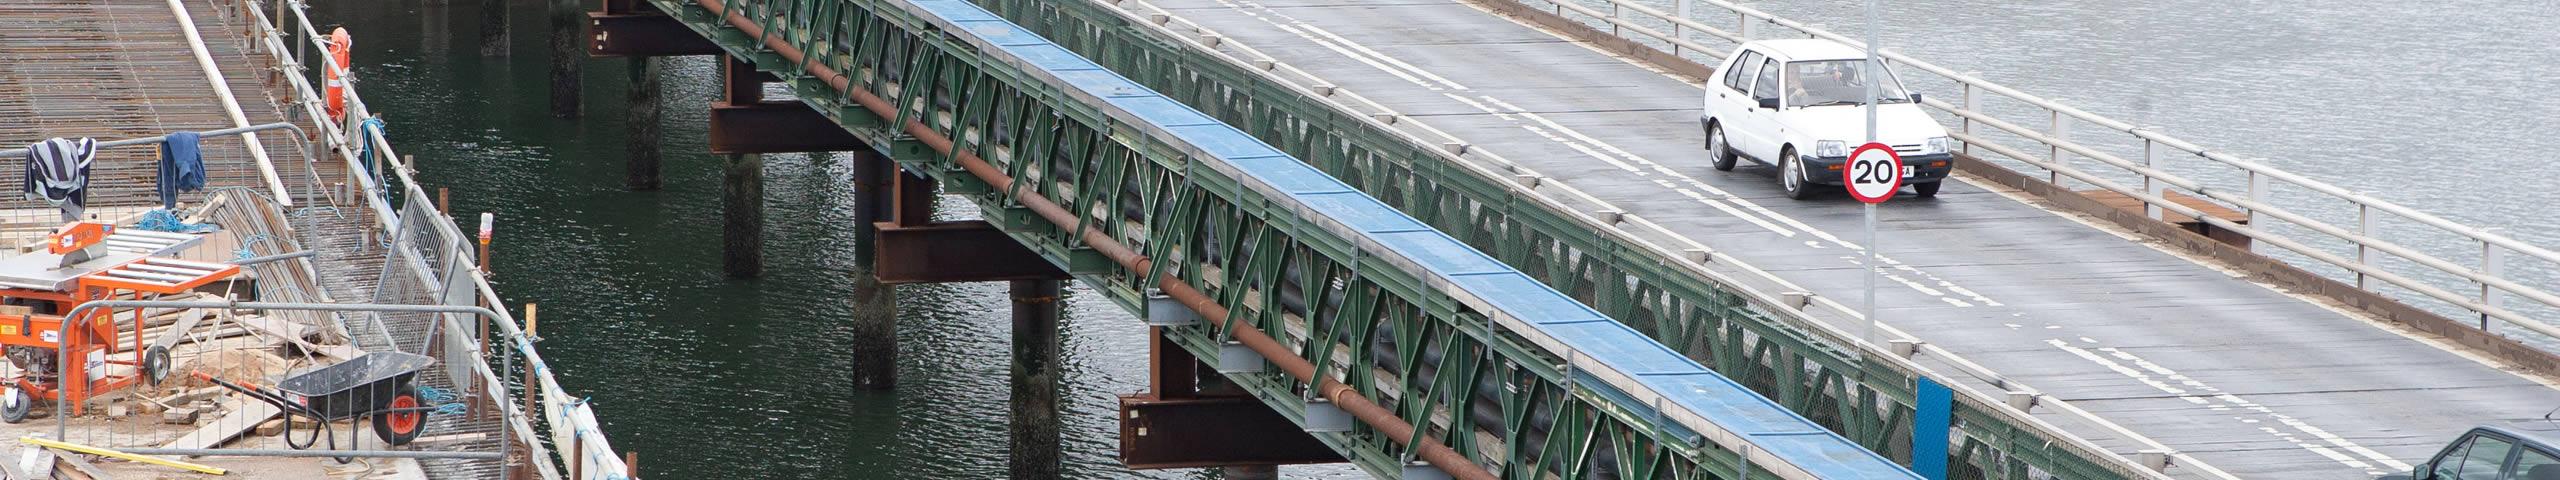 Temporary Bridges